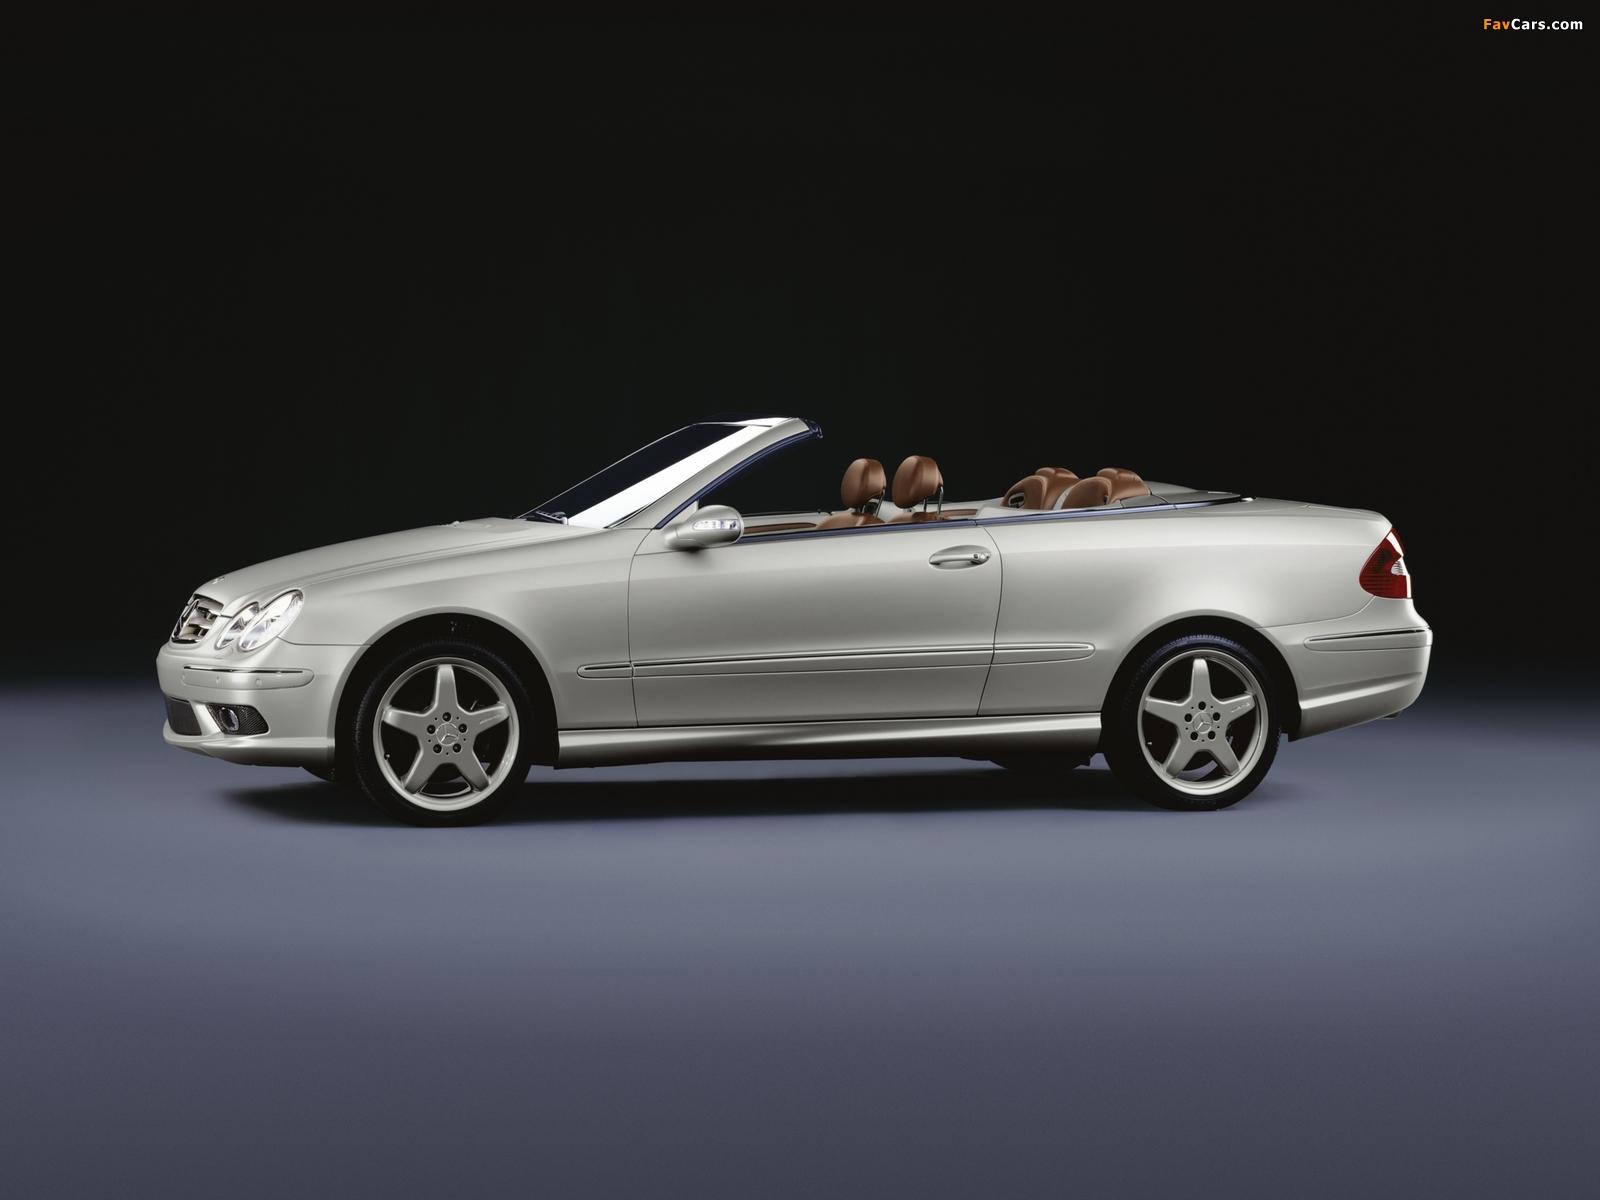 Mercedes-Benz CLK 500 Cabrio by Giorgio Armani (A209) 2004 images (1600 x 1200)